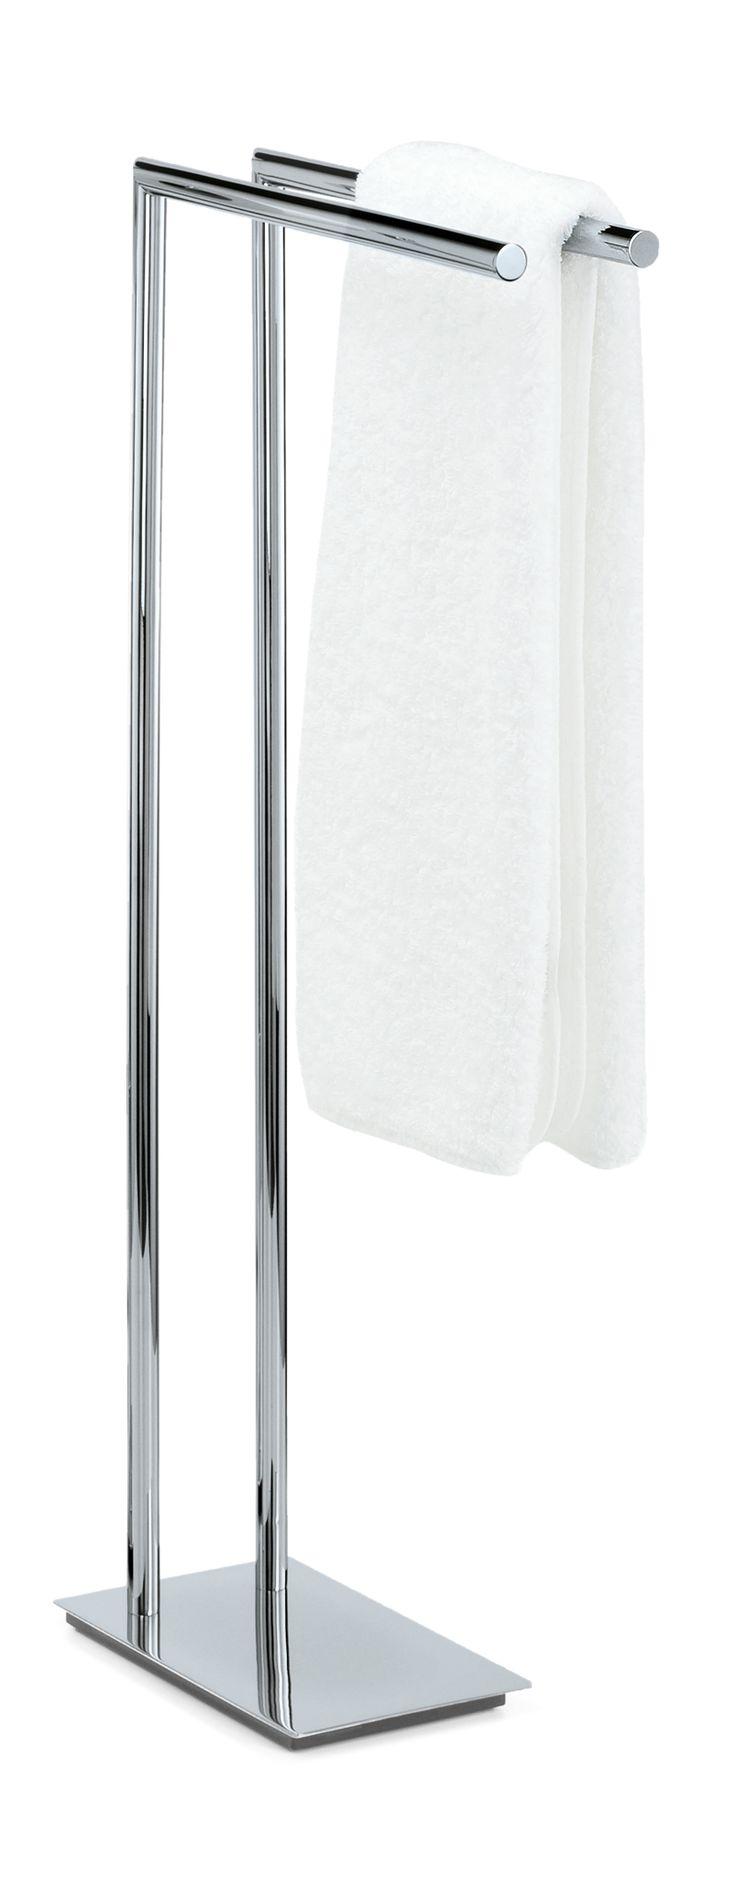 Best 20 Towel Holder Bathroom Ideas On Pinterest Diy Bathroom Decor Half Bathroom Decor And